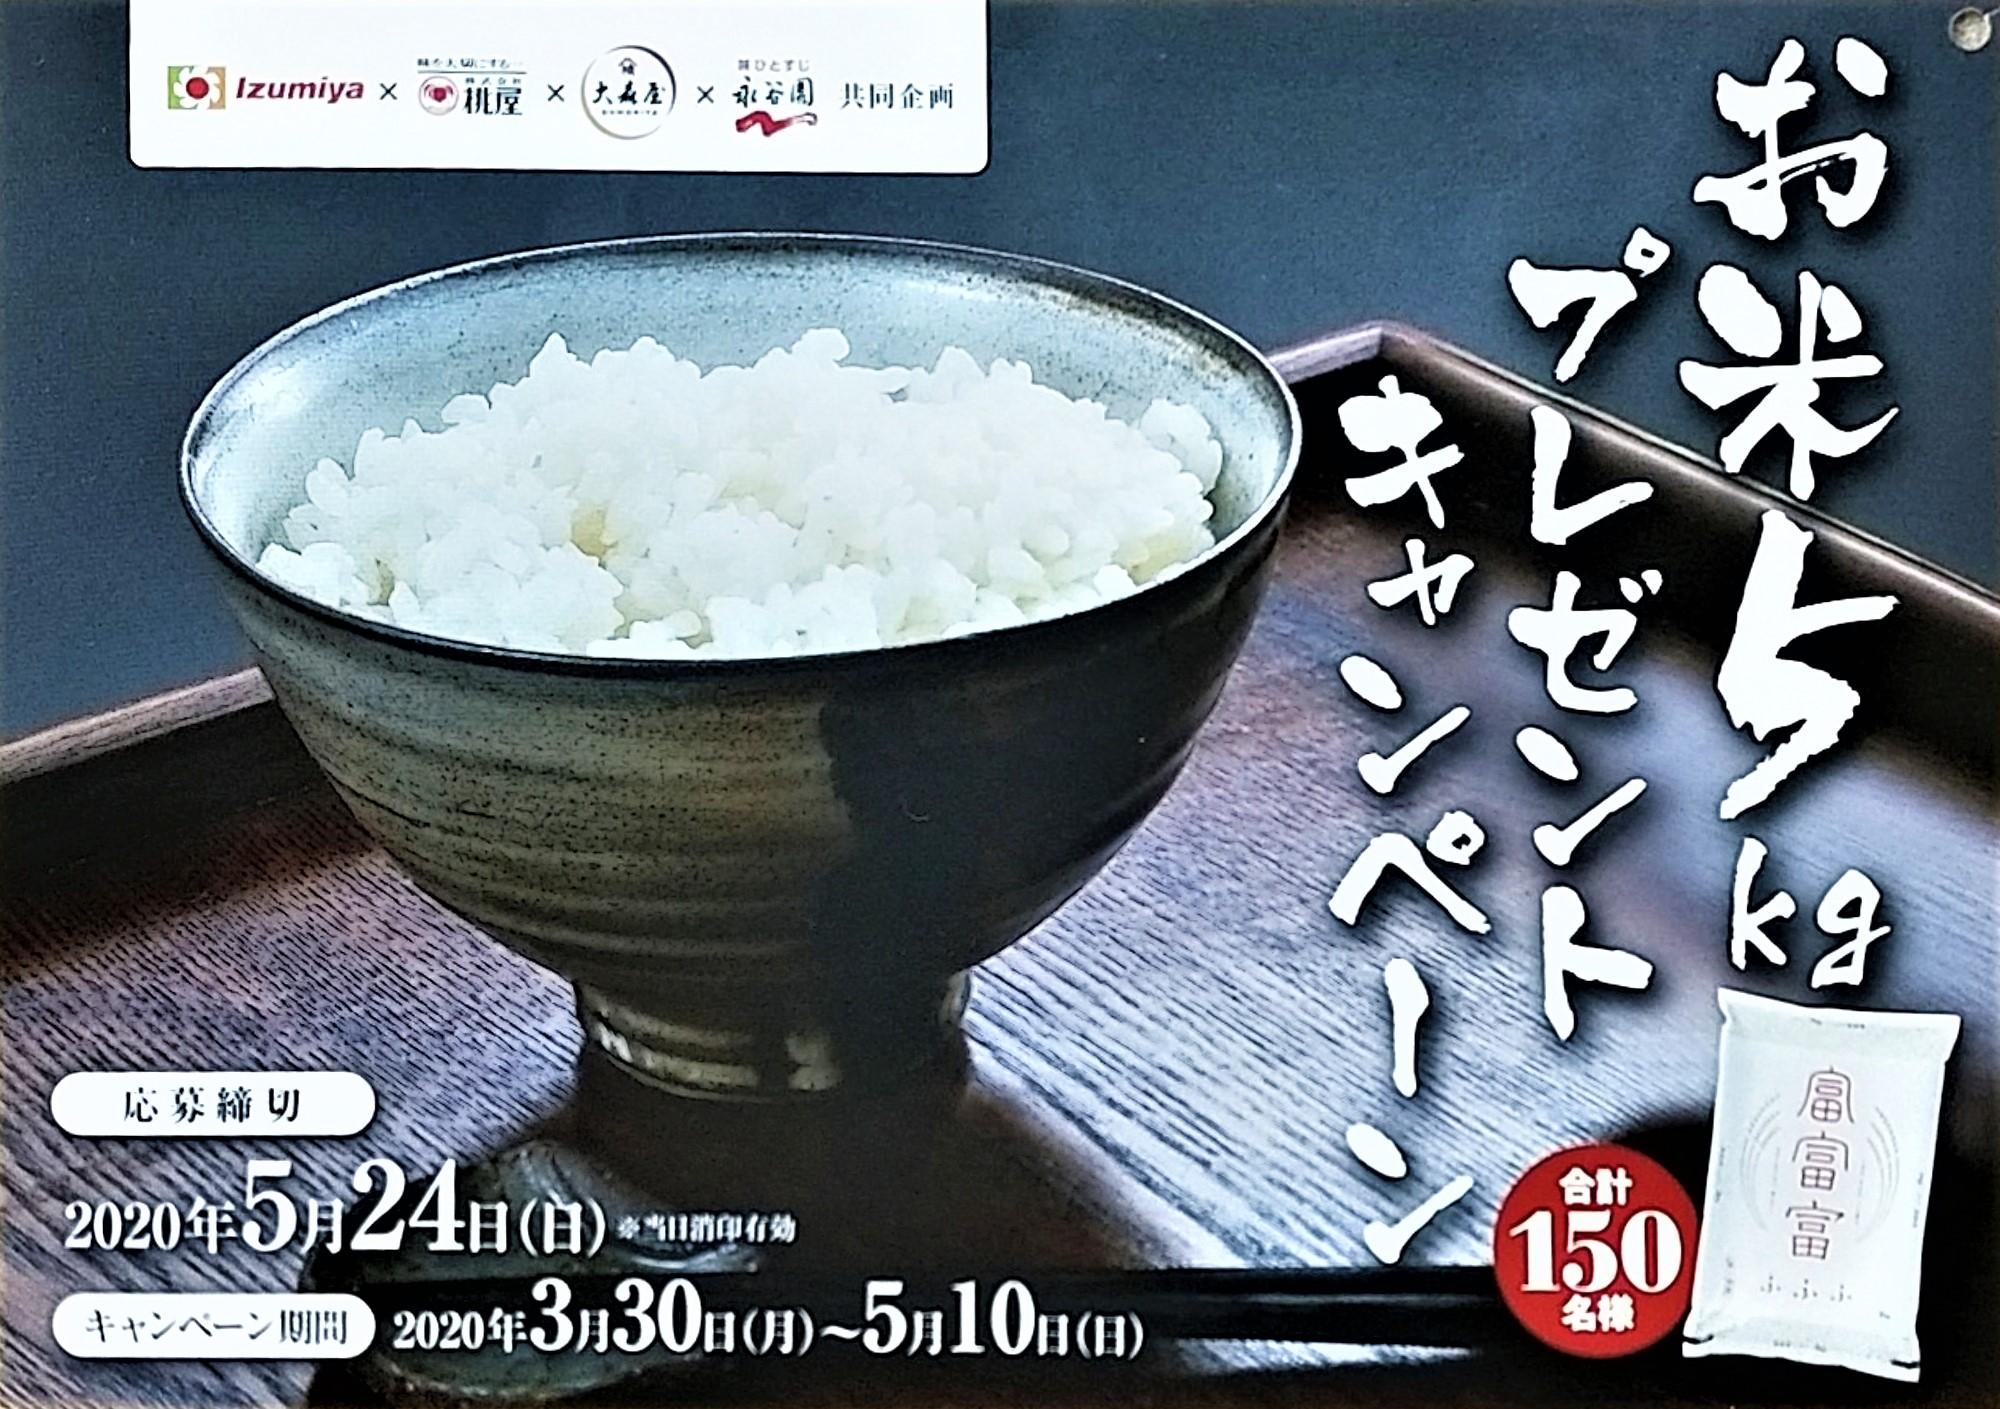 イズミヤお米p-1-1